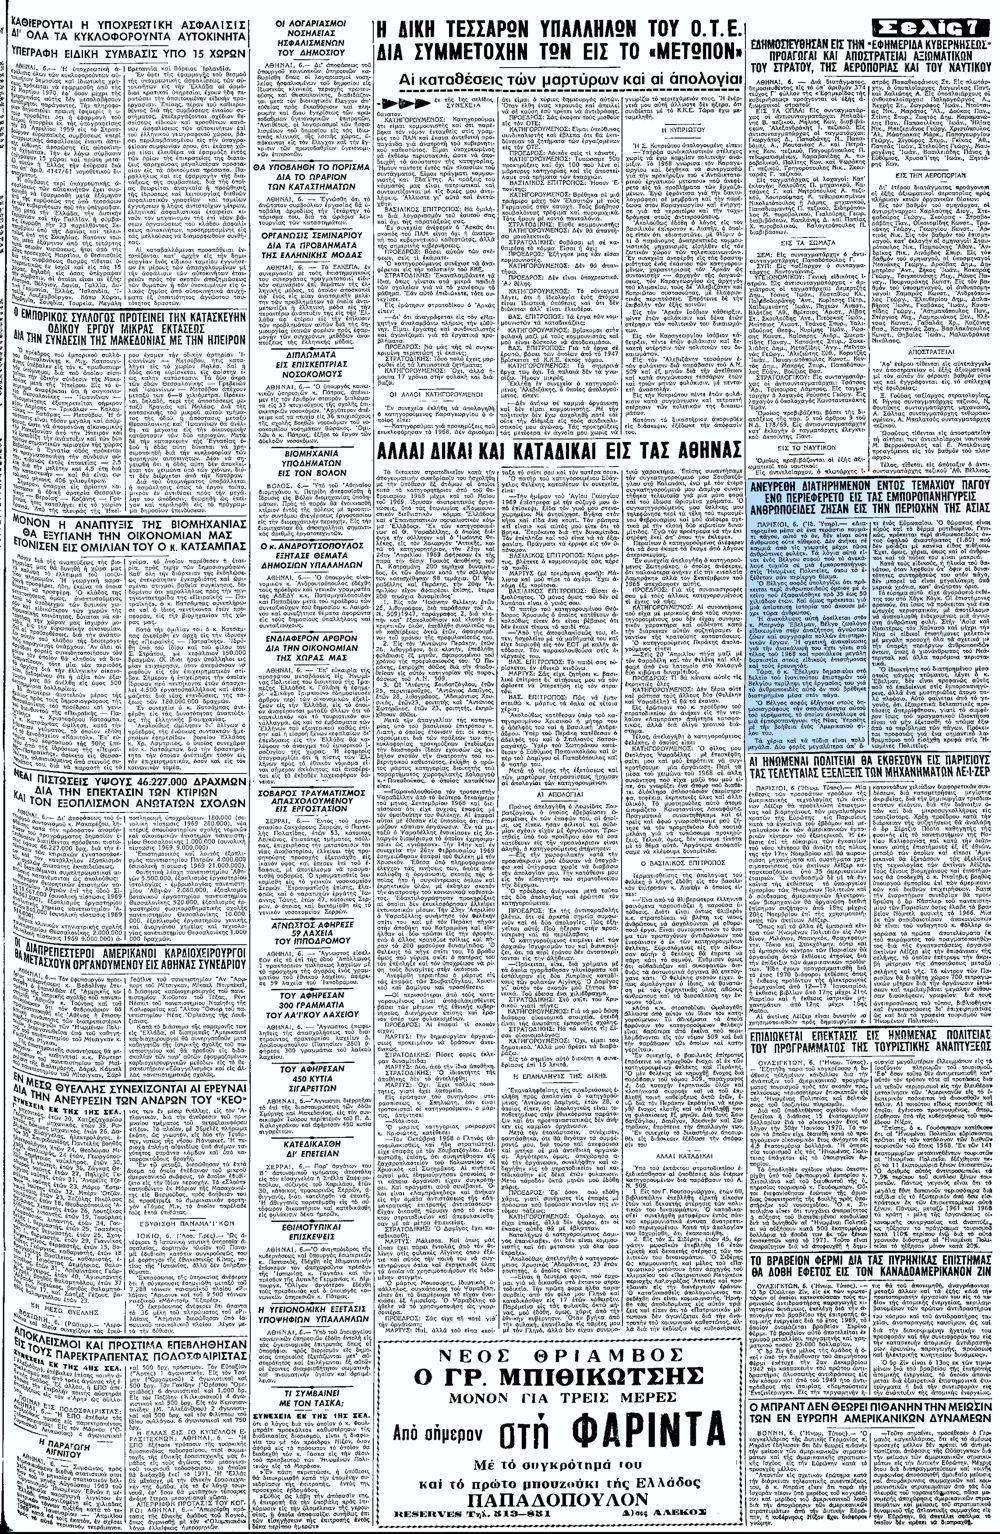 """Το άρθρο, όπως δημοσιεύθηκε στην εφημερίδα """"ΜΑΚΕΔΟΝΙΑ"""", στις 07/11/1969"""